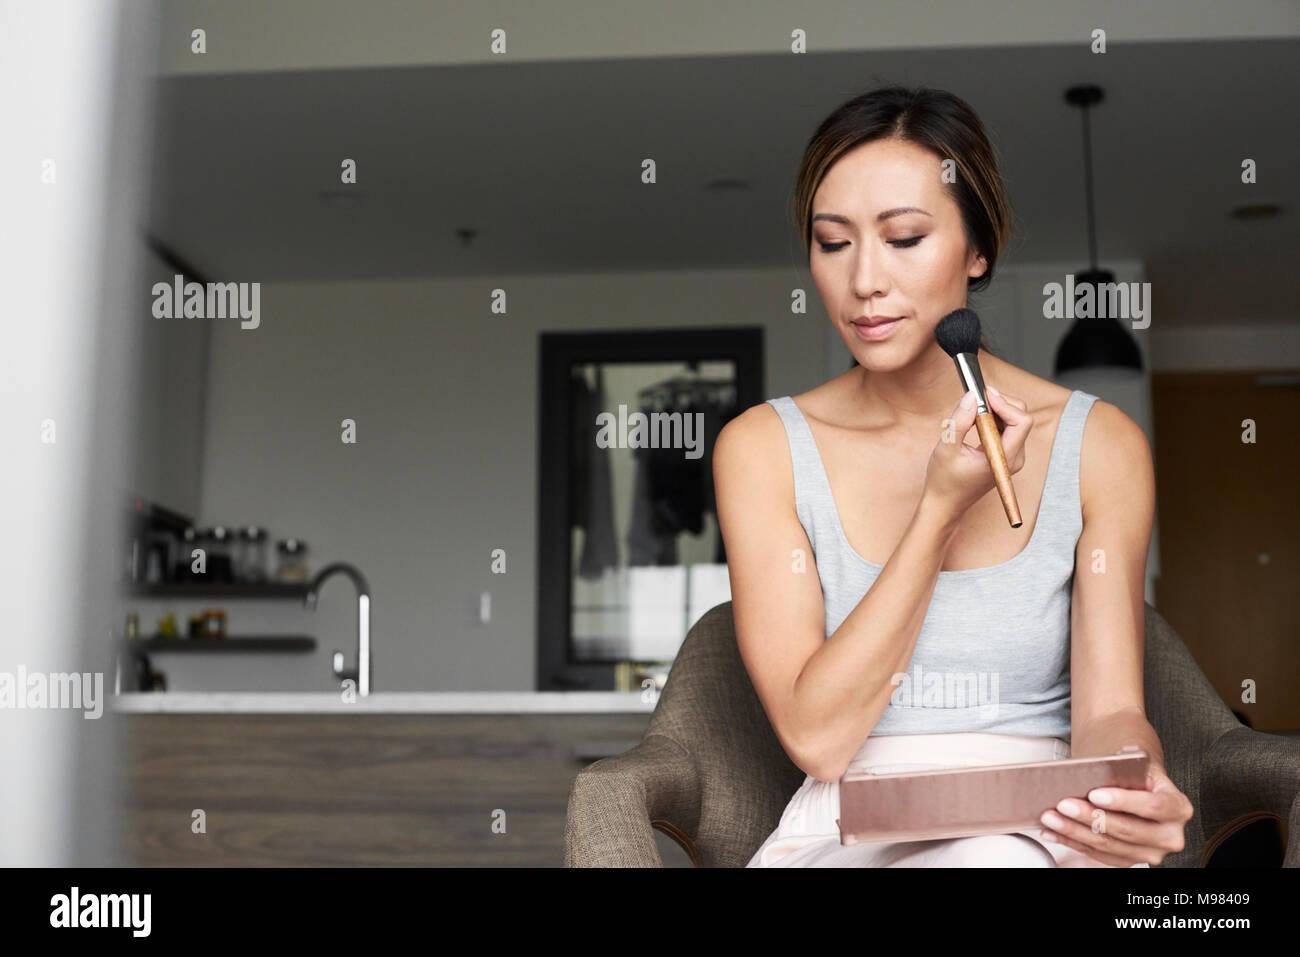 La donna di casa utilizzando lo specchio a mano applicando il trucco Immagini Stock